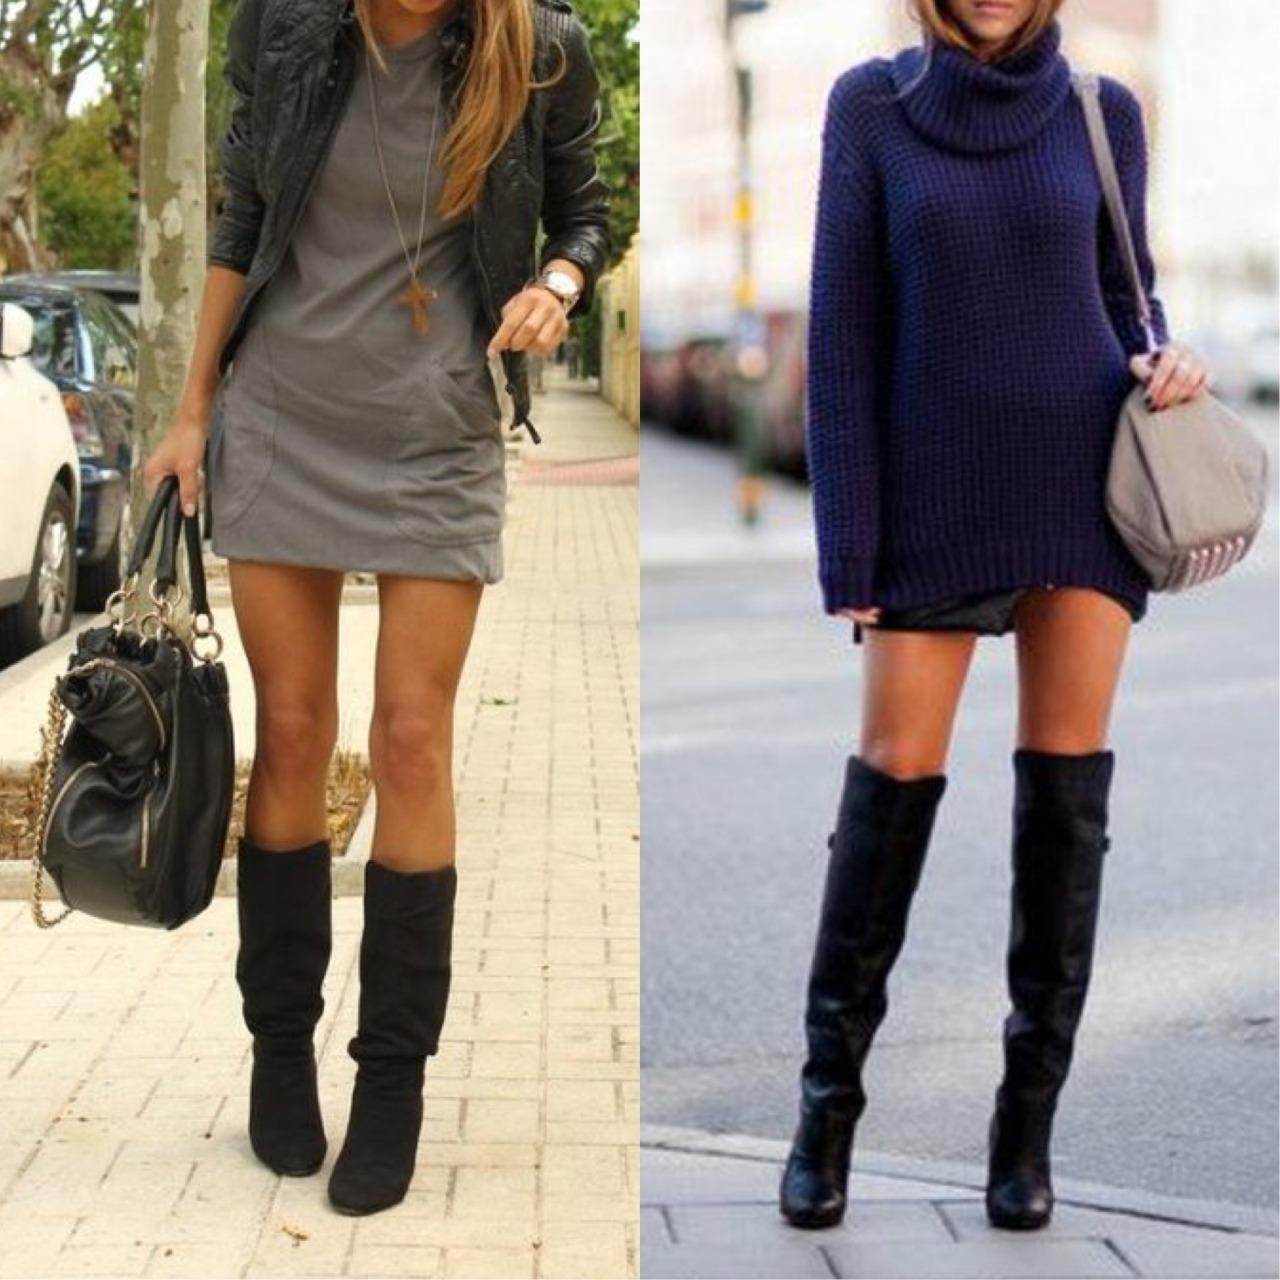 Botas altas para piernas delgadas | Botas de mujeres piernas